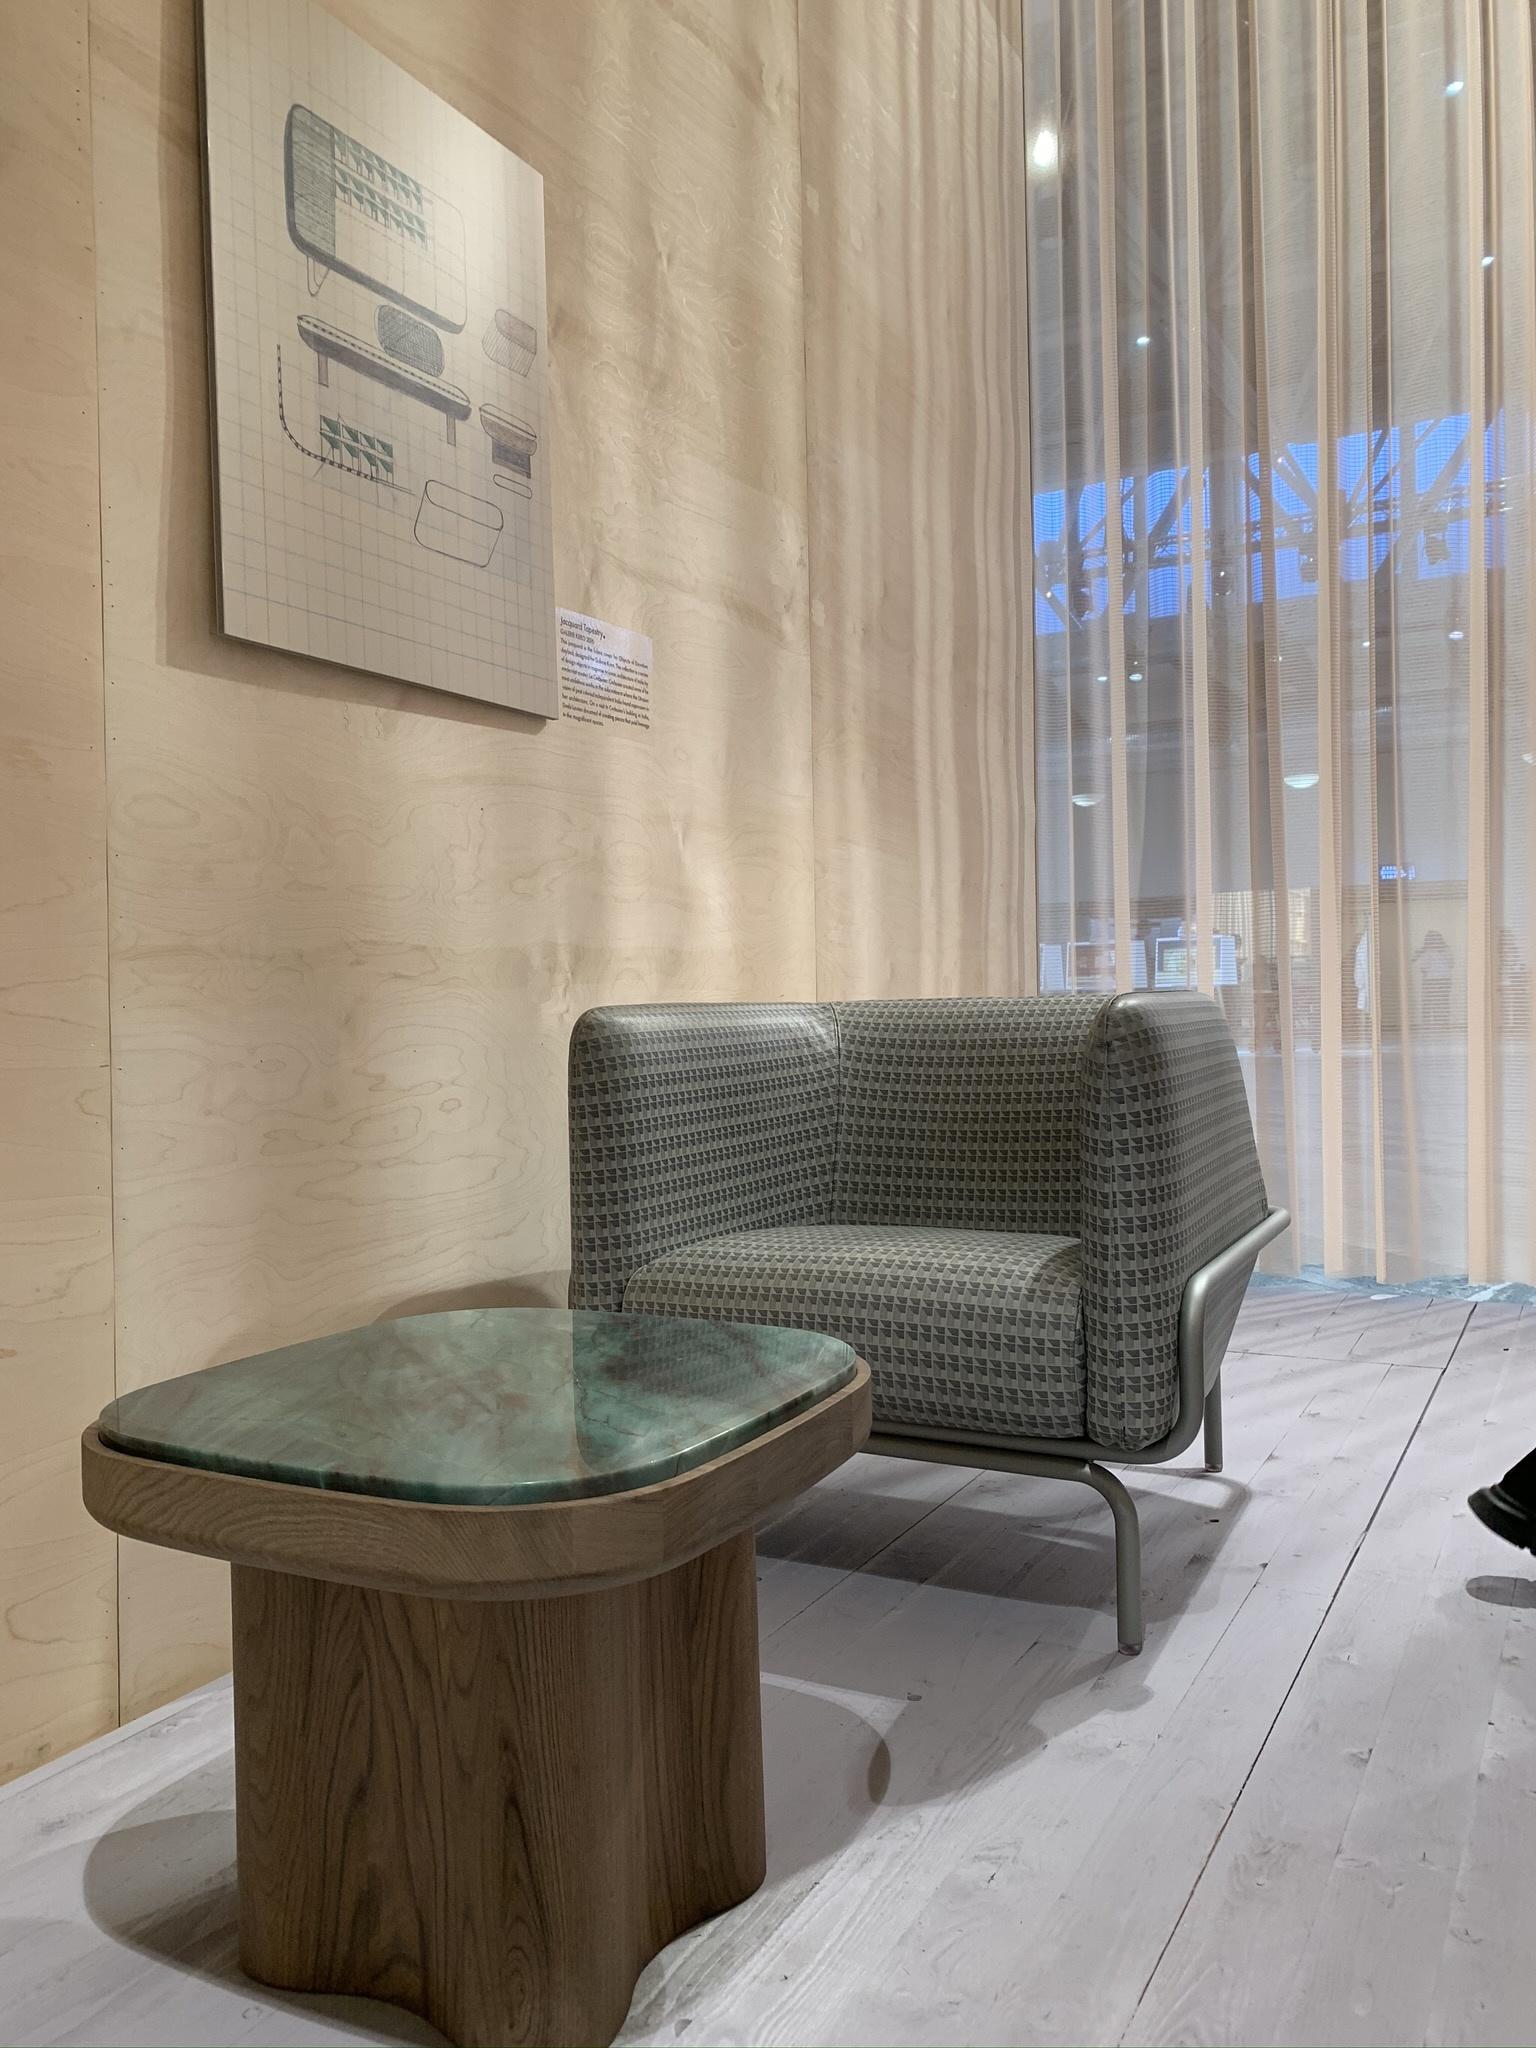 Неделя дизайна в Стокгольме 2020: блог бюро P+Z (галерея 8, фото 3)